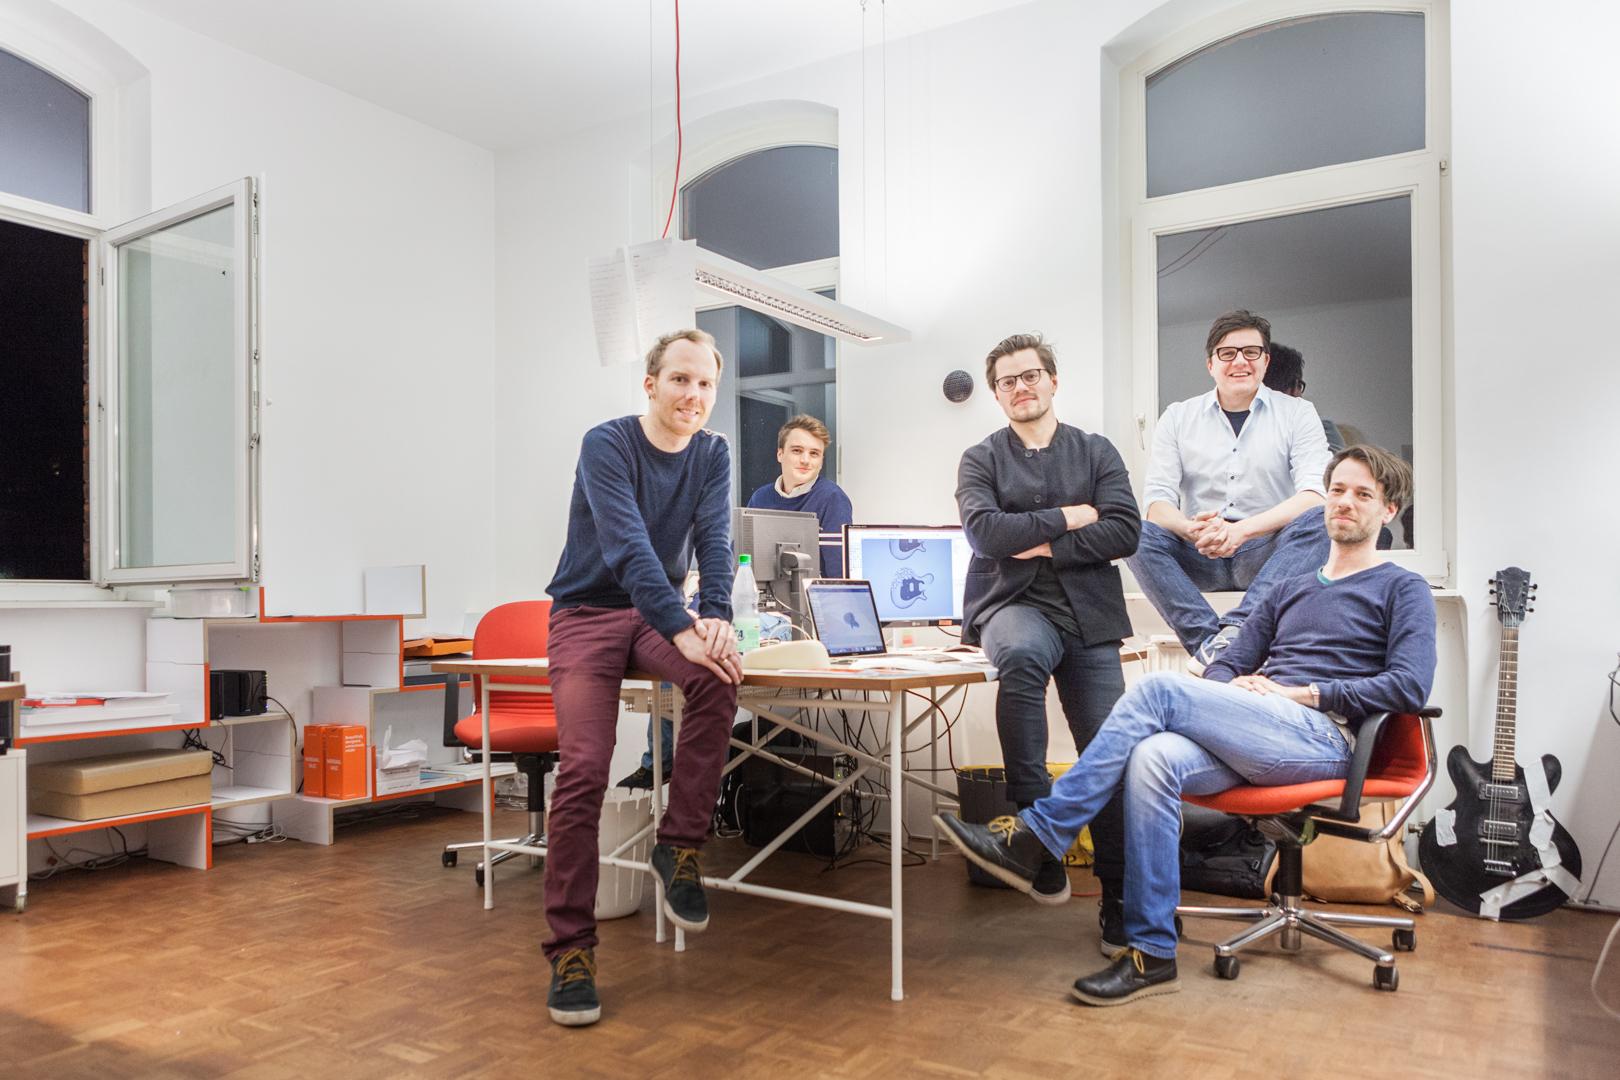 Produkt Design Büro - Ding3000, Hannover